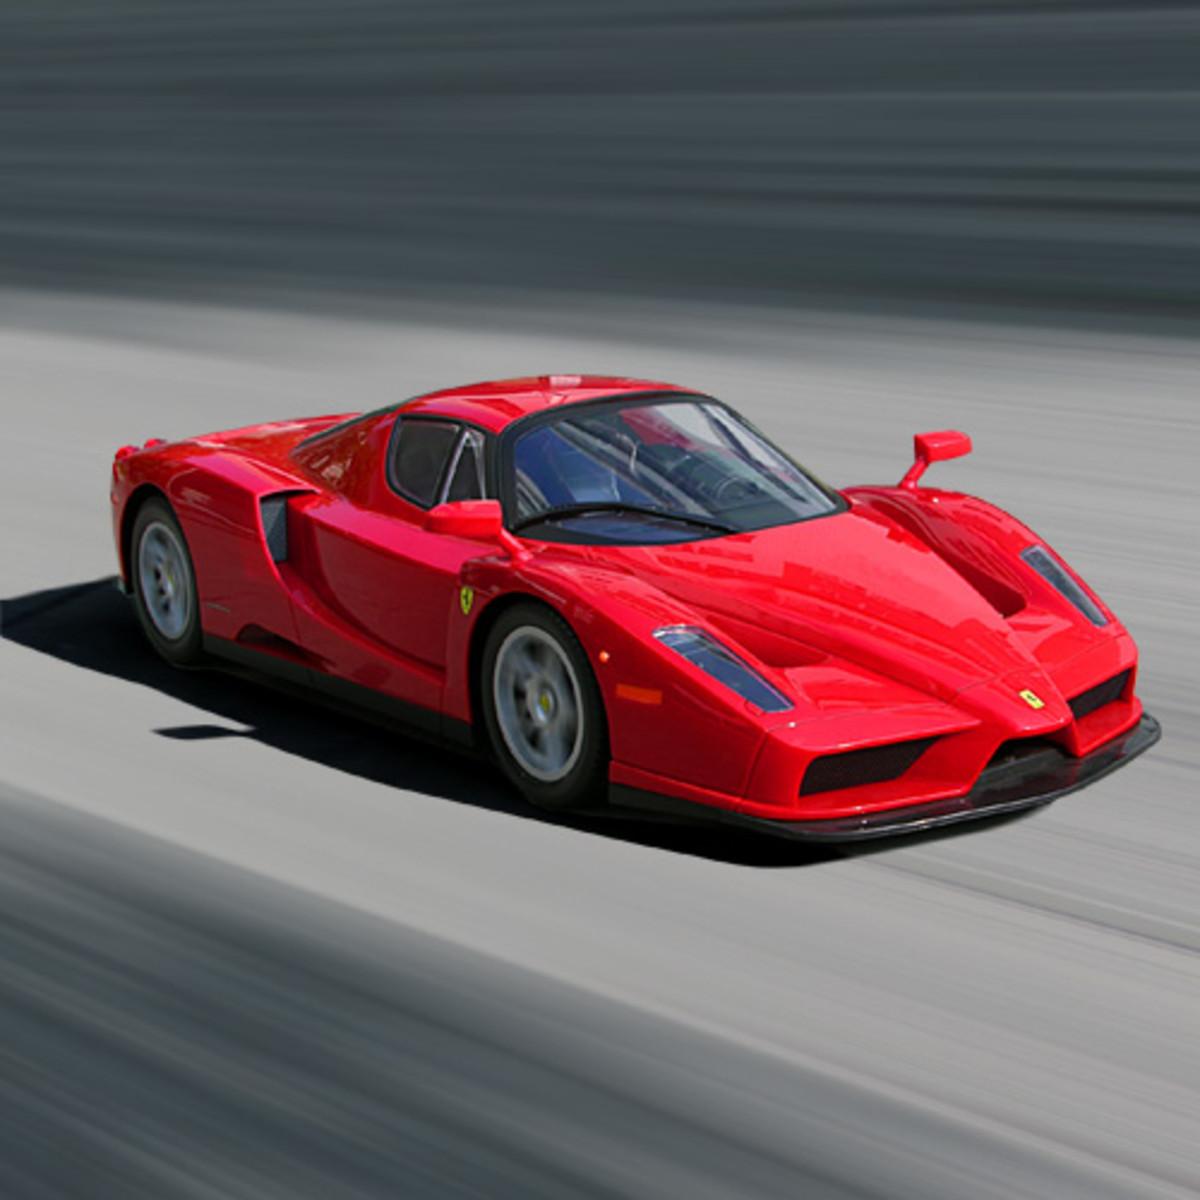 4.Ferrari Enzo